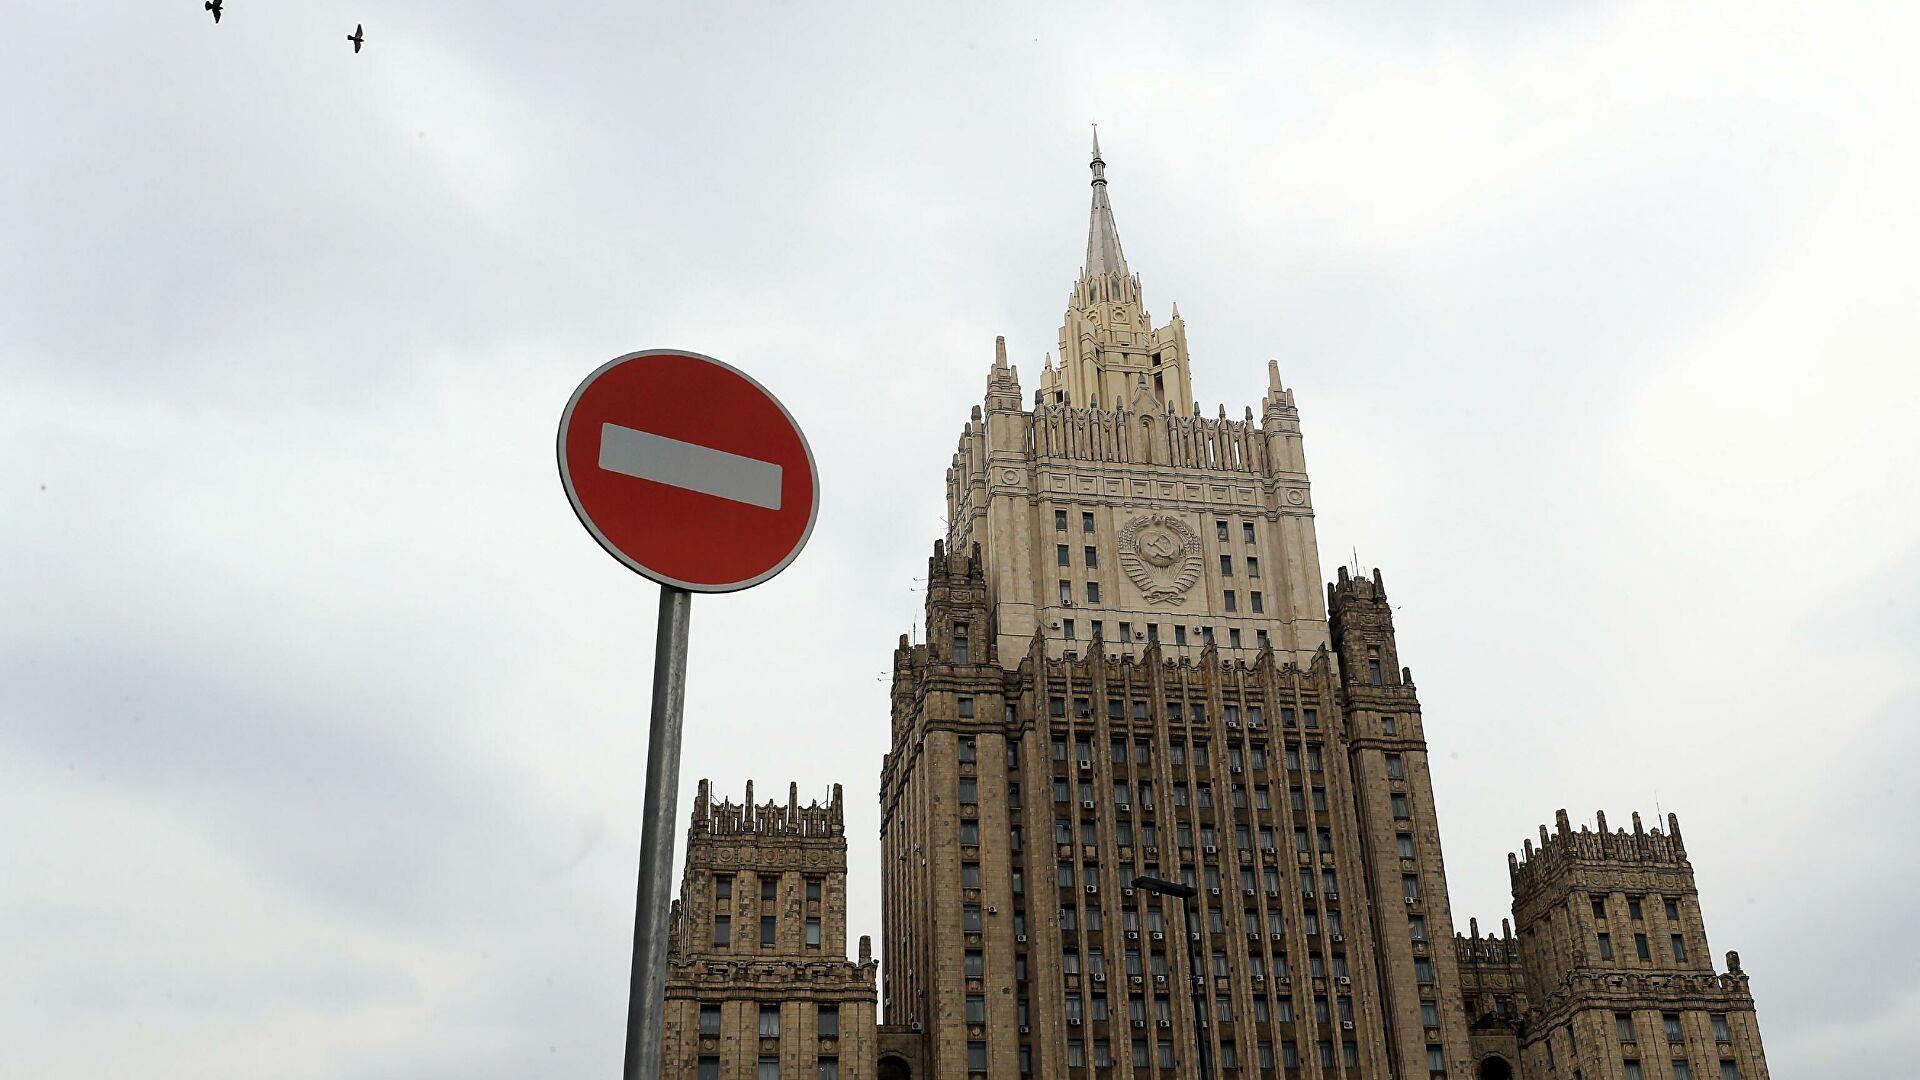 Москва: Надамо се да ће ипак разум превладати у Кијеву и да до војног сценарија неће доћи